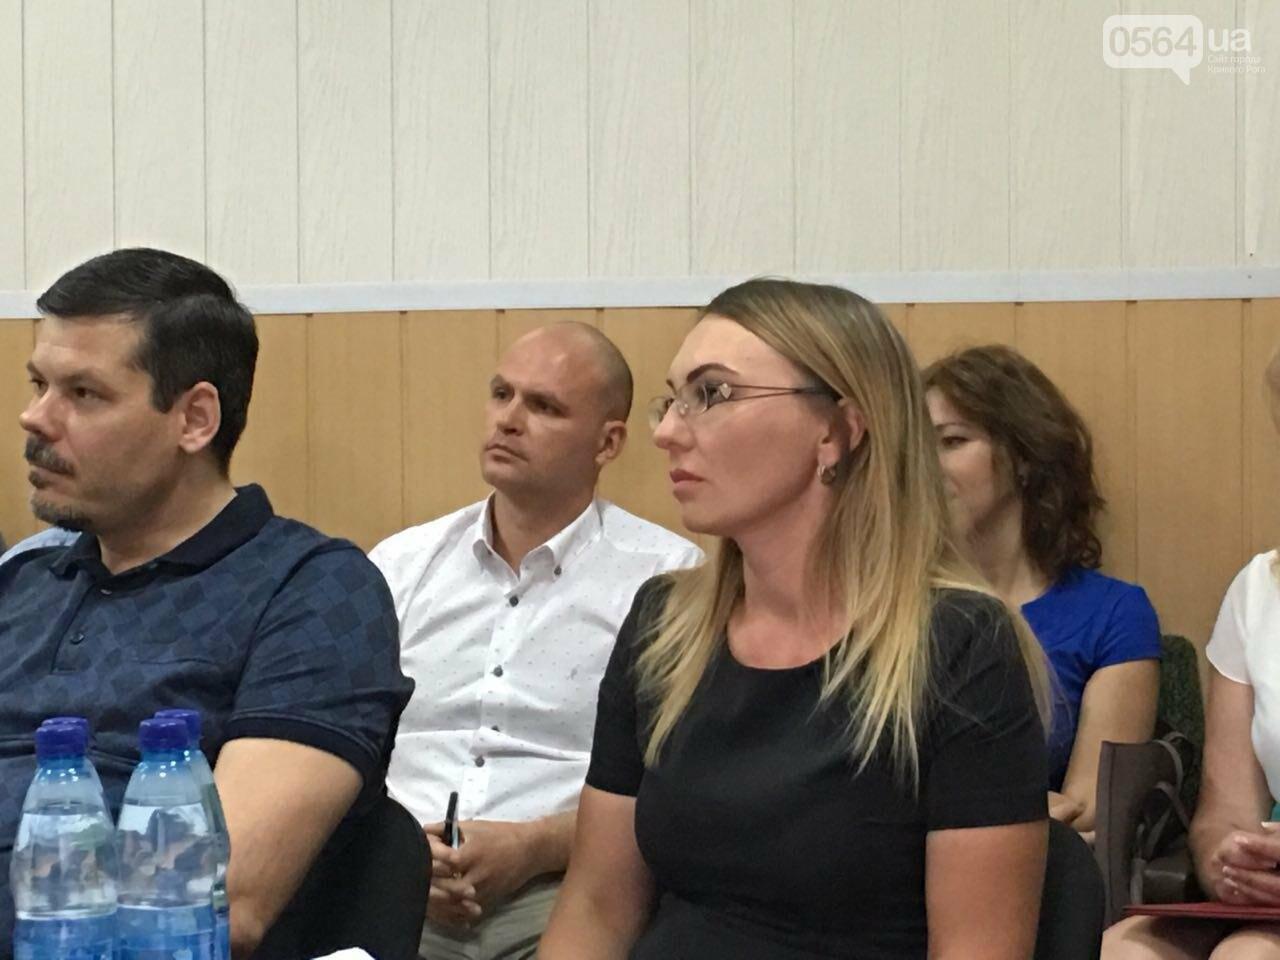 Криворожские центры по предоставлению бесплатной правовой помощи подвели итоги работы за 3 года, - ФОТО, фото-7